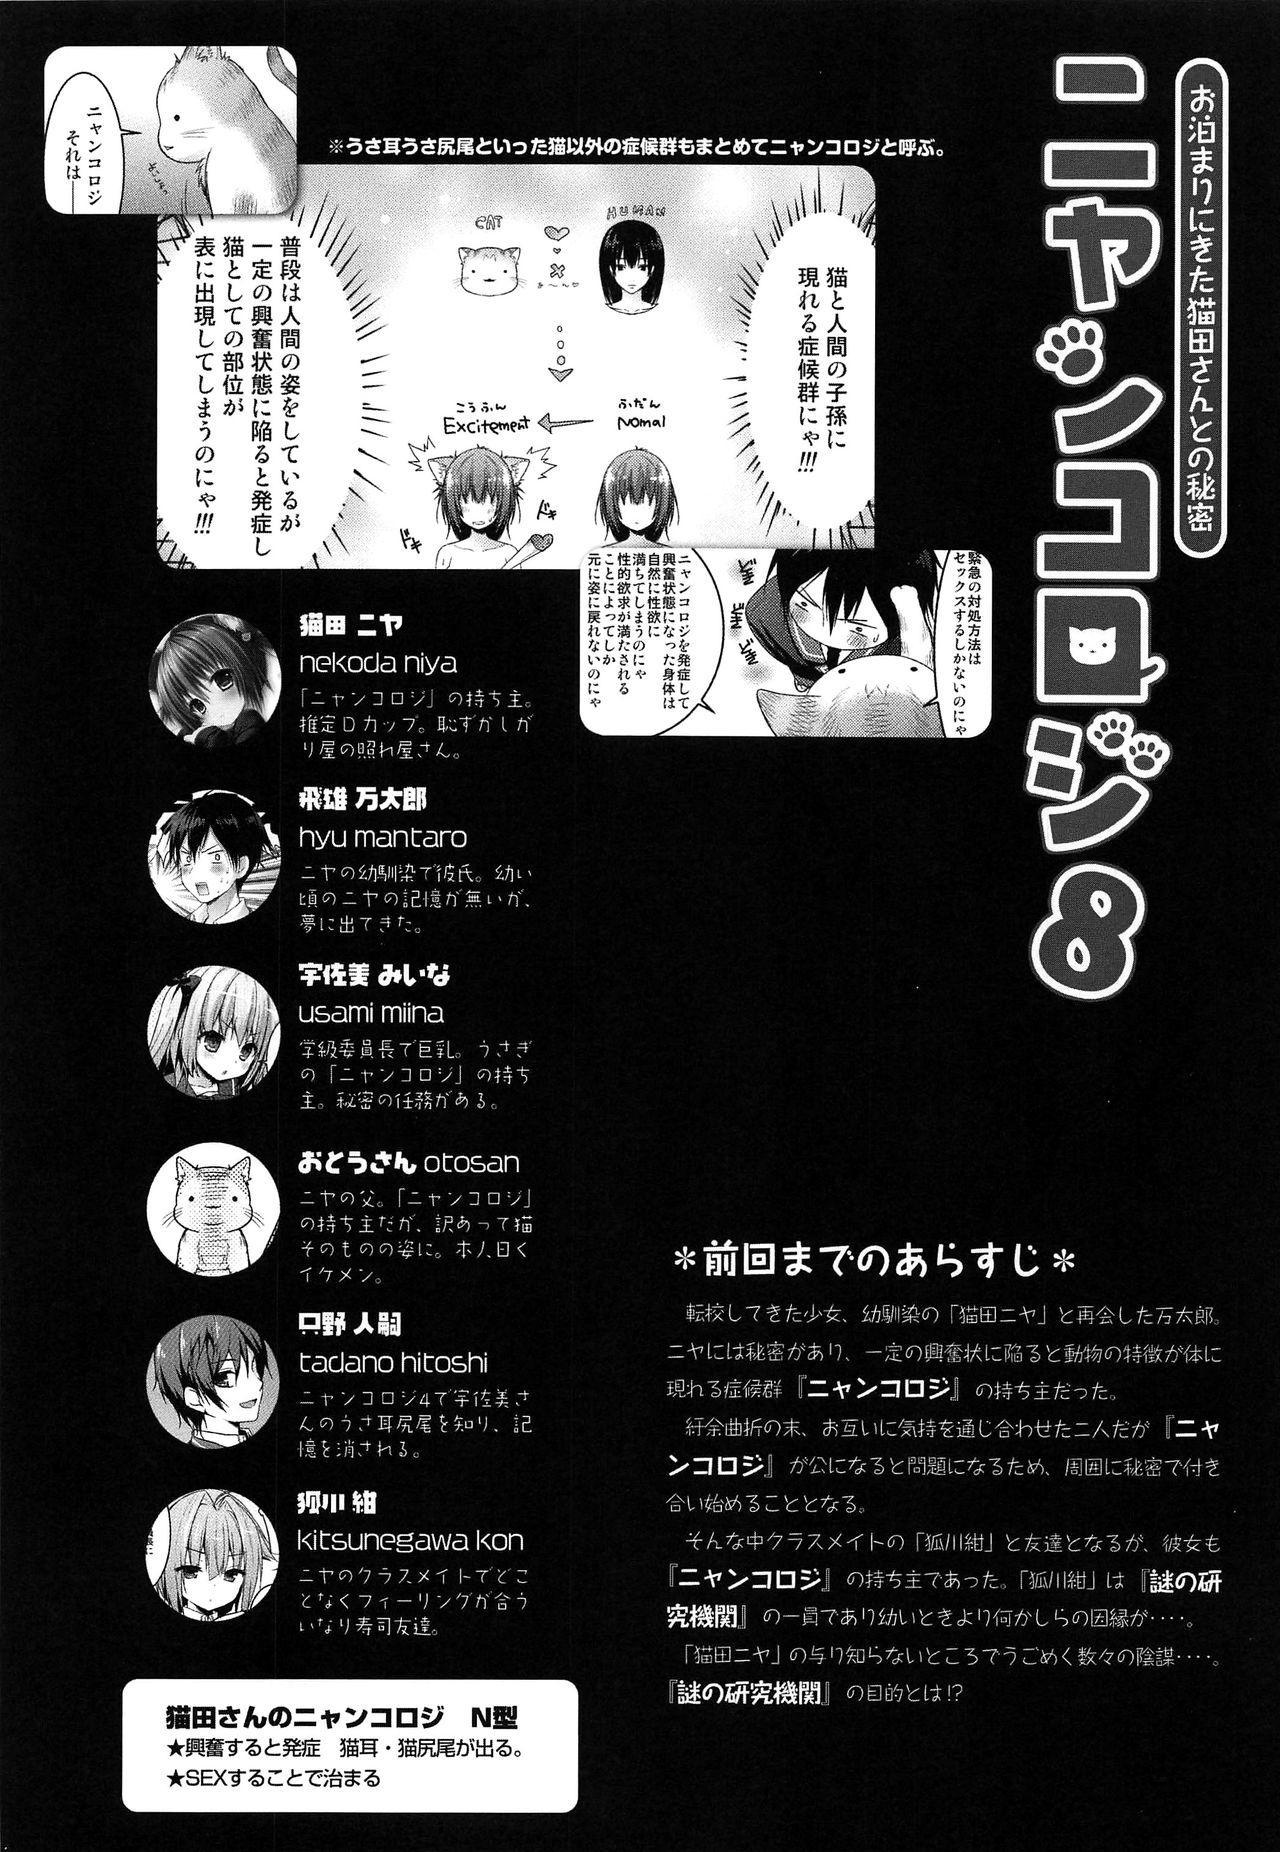 (COMIC1☆15) [KINOKONOMI (konomi)] Nyancology 8 -Otomari ni Kita Nekoda-san to no Himitsu- [Chinese] [路过的rlx个人练习汉化] 8